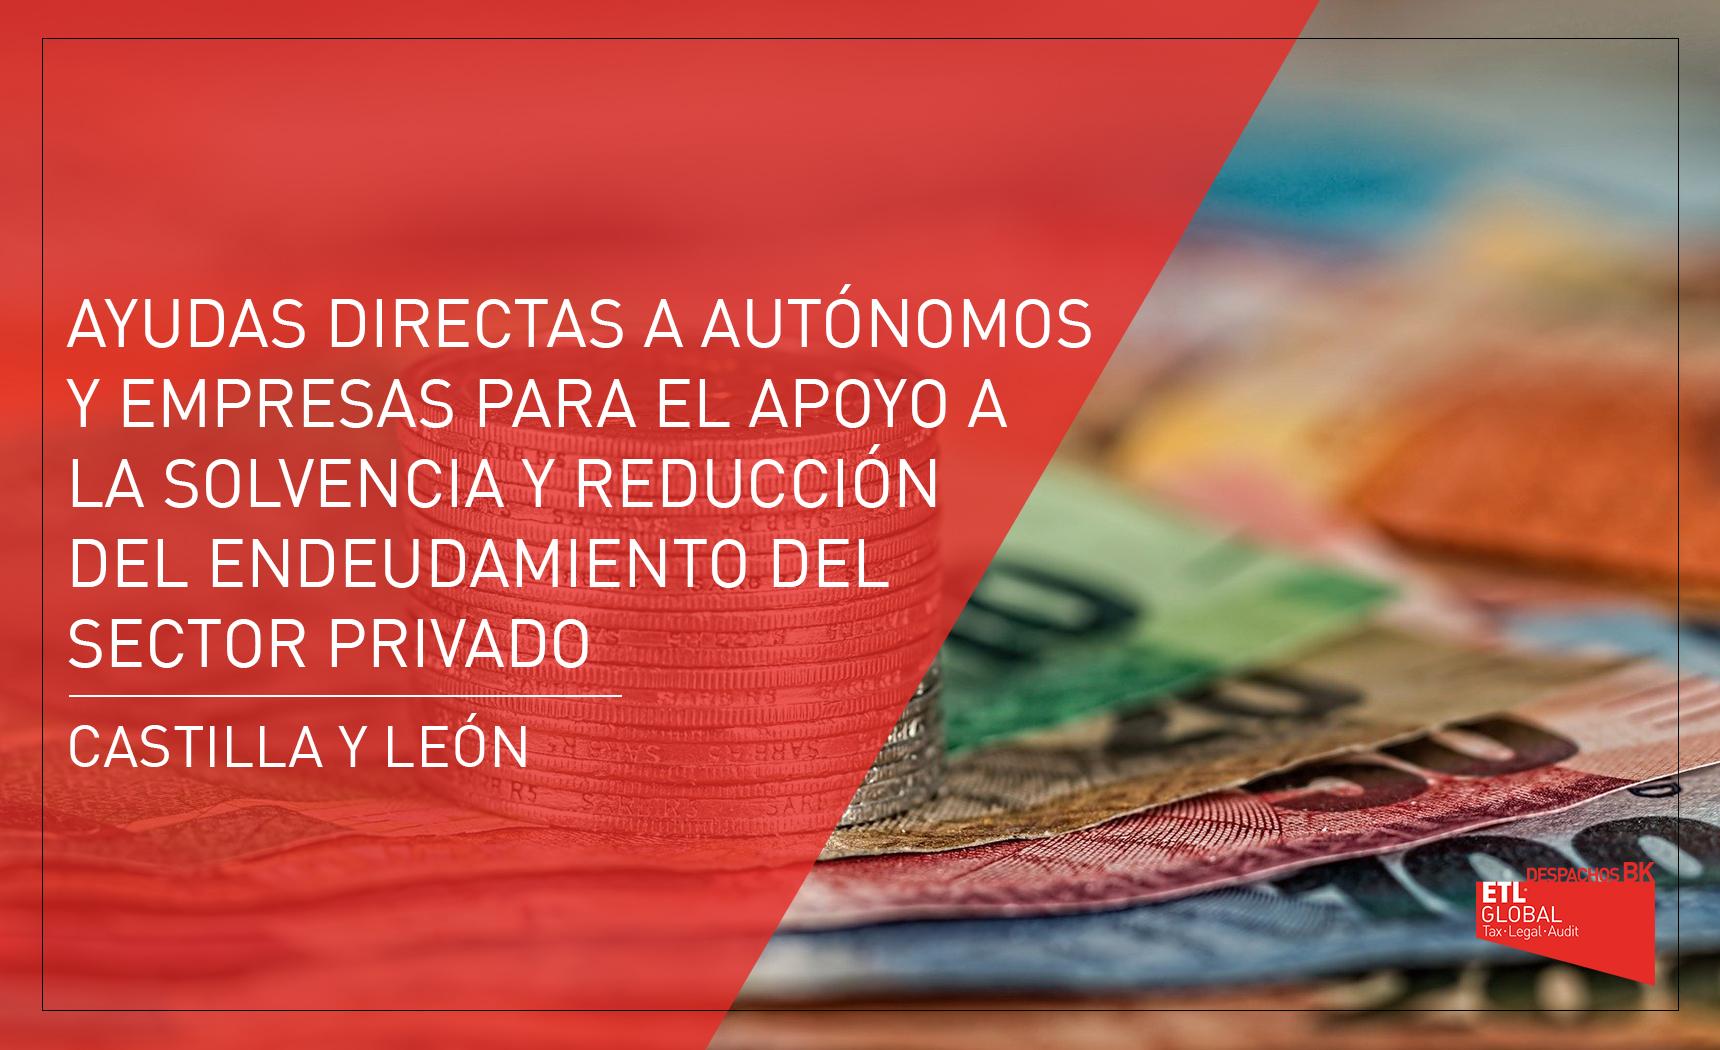 Ayudas autónomos y empresas de Castilla y León